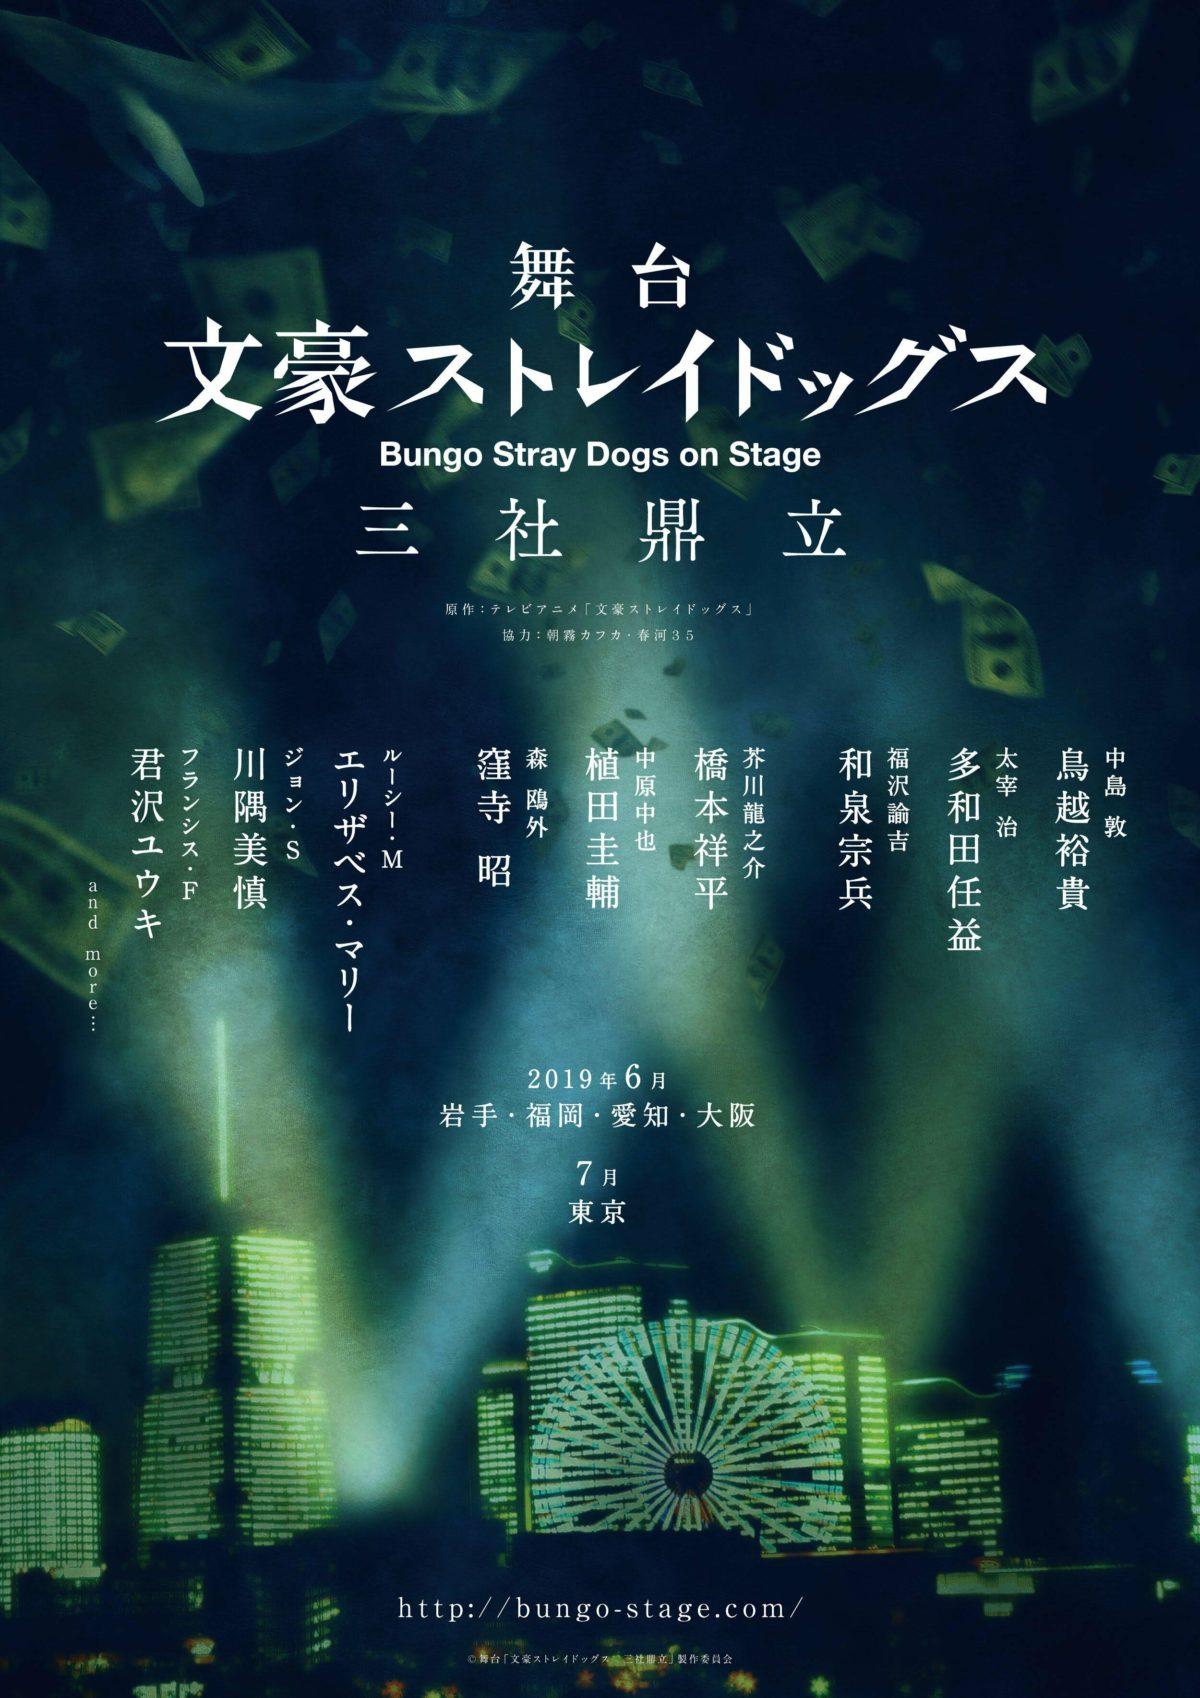 《文豪野犬》新作舞台剧全体演员公布